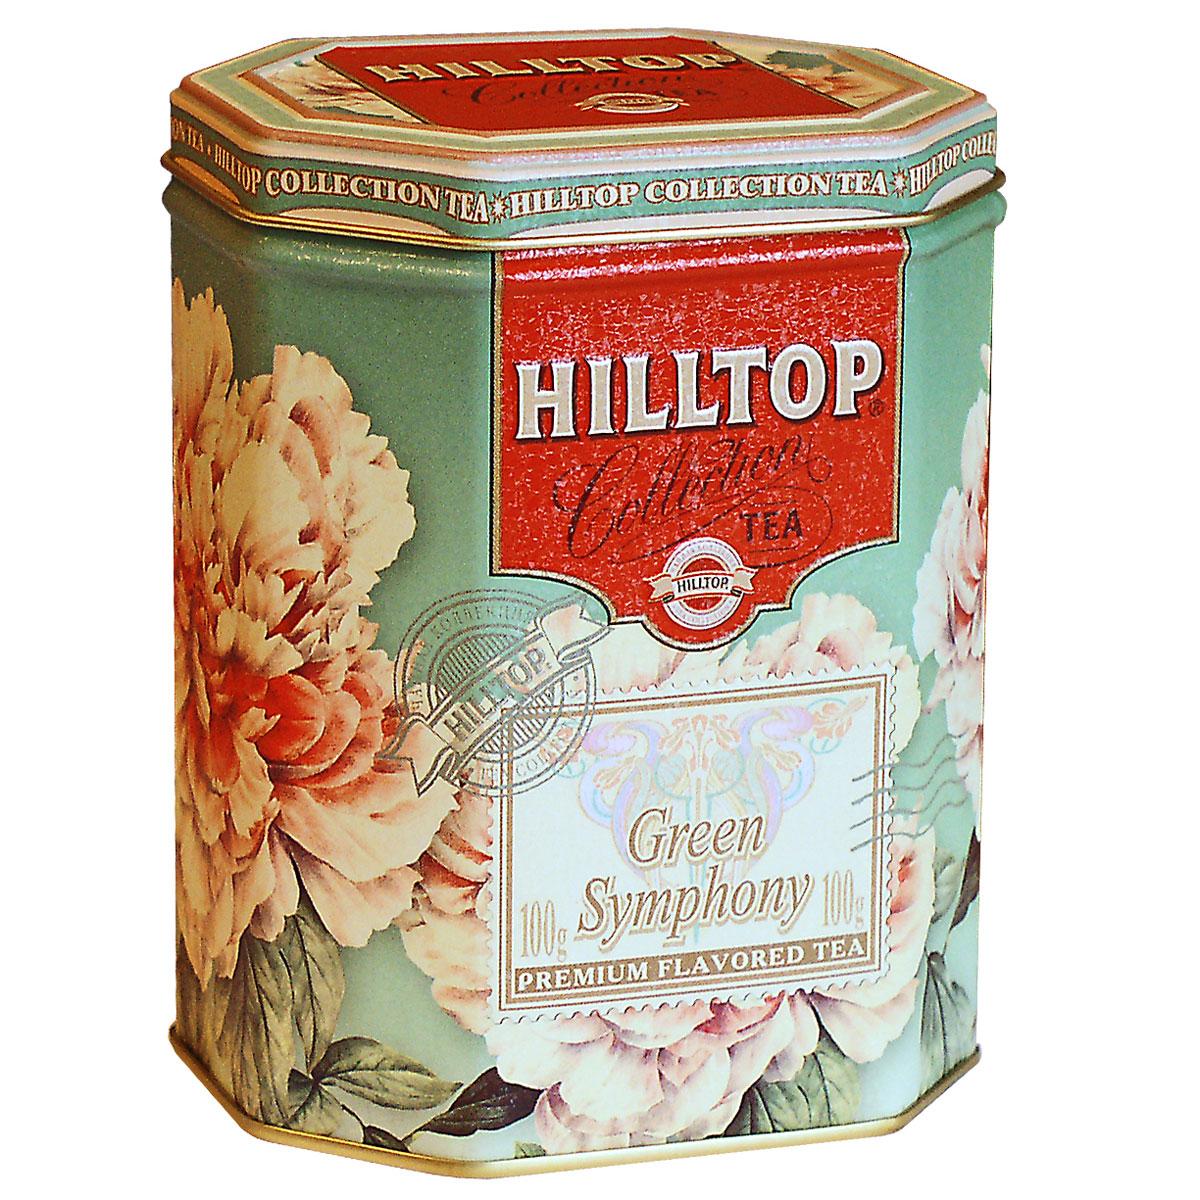 Hilltop Зеленая симфония зеленый листовой чай, 100 г